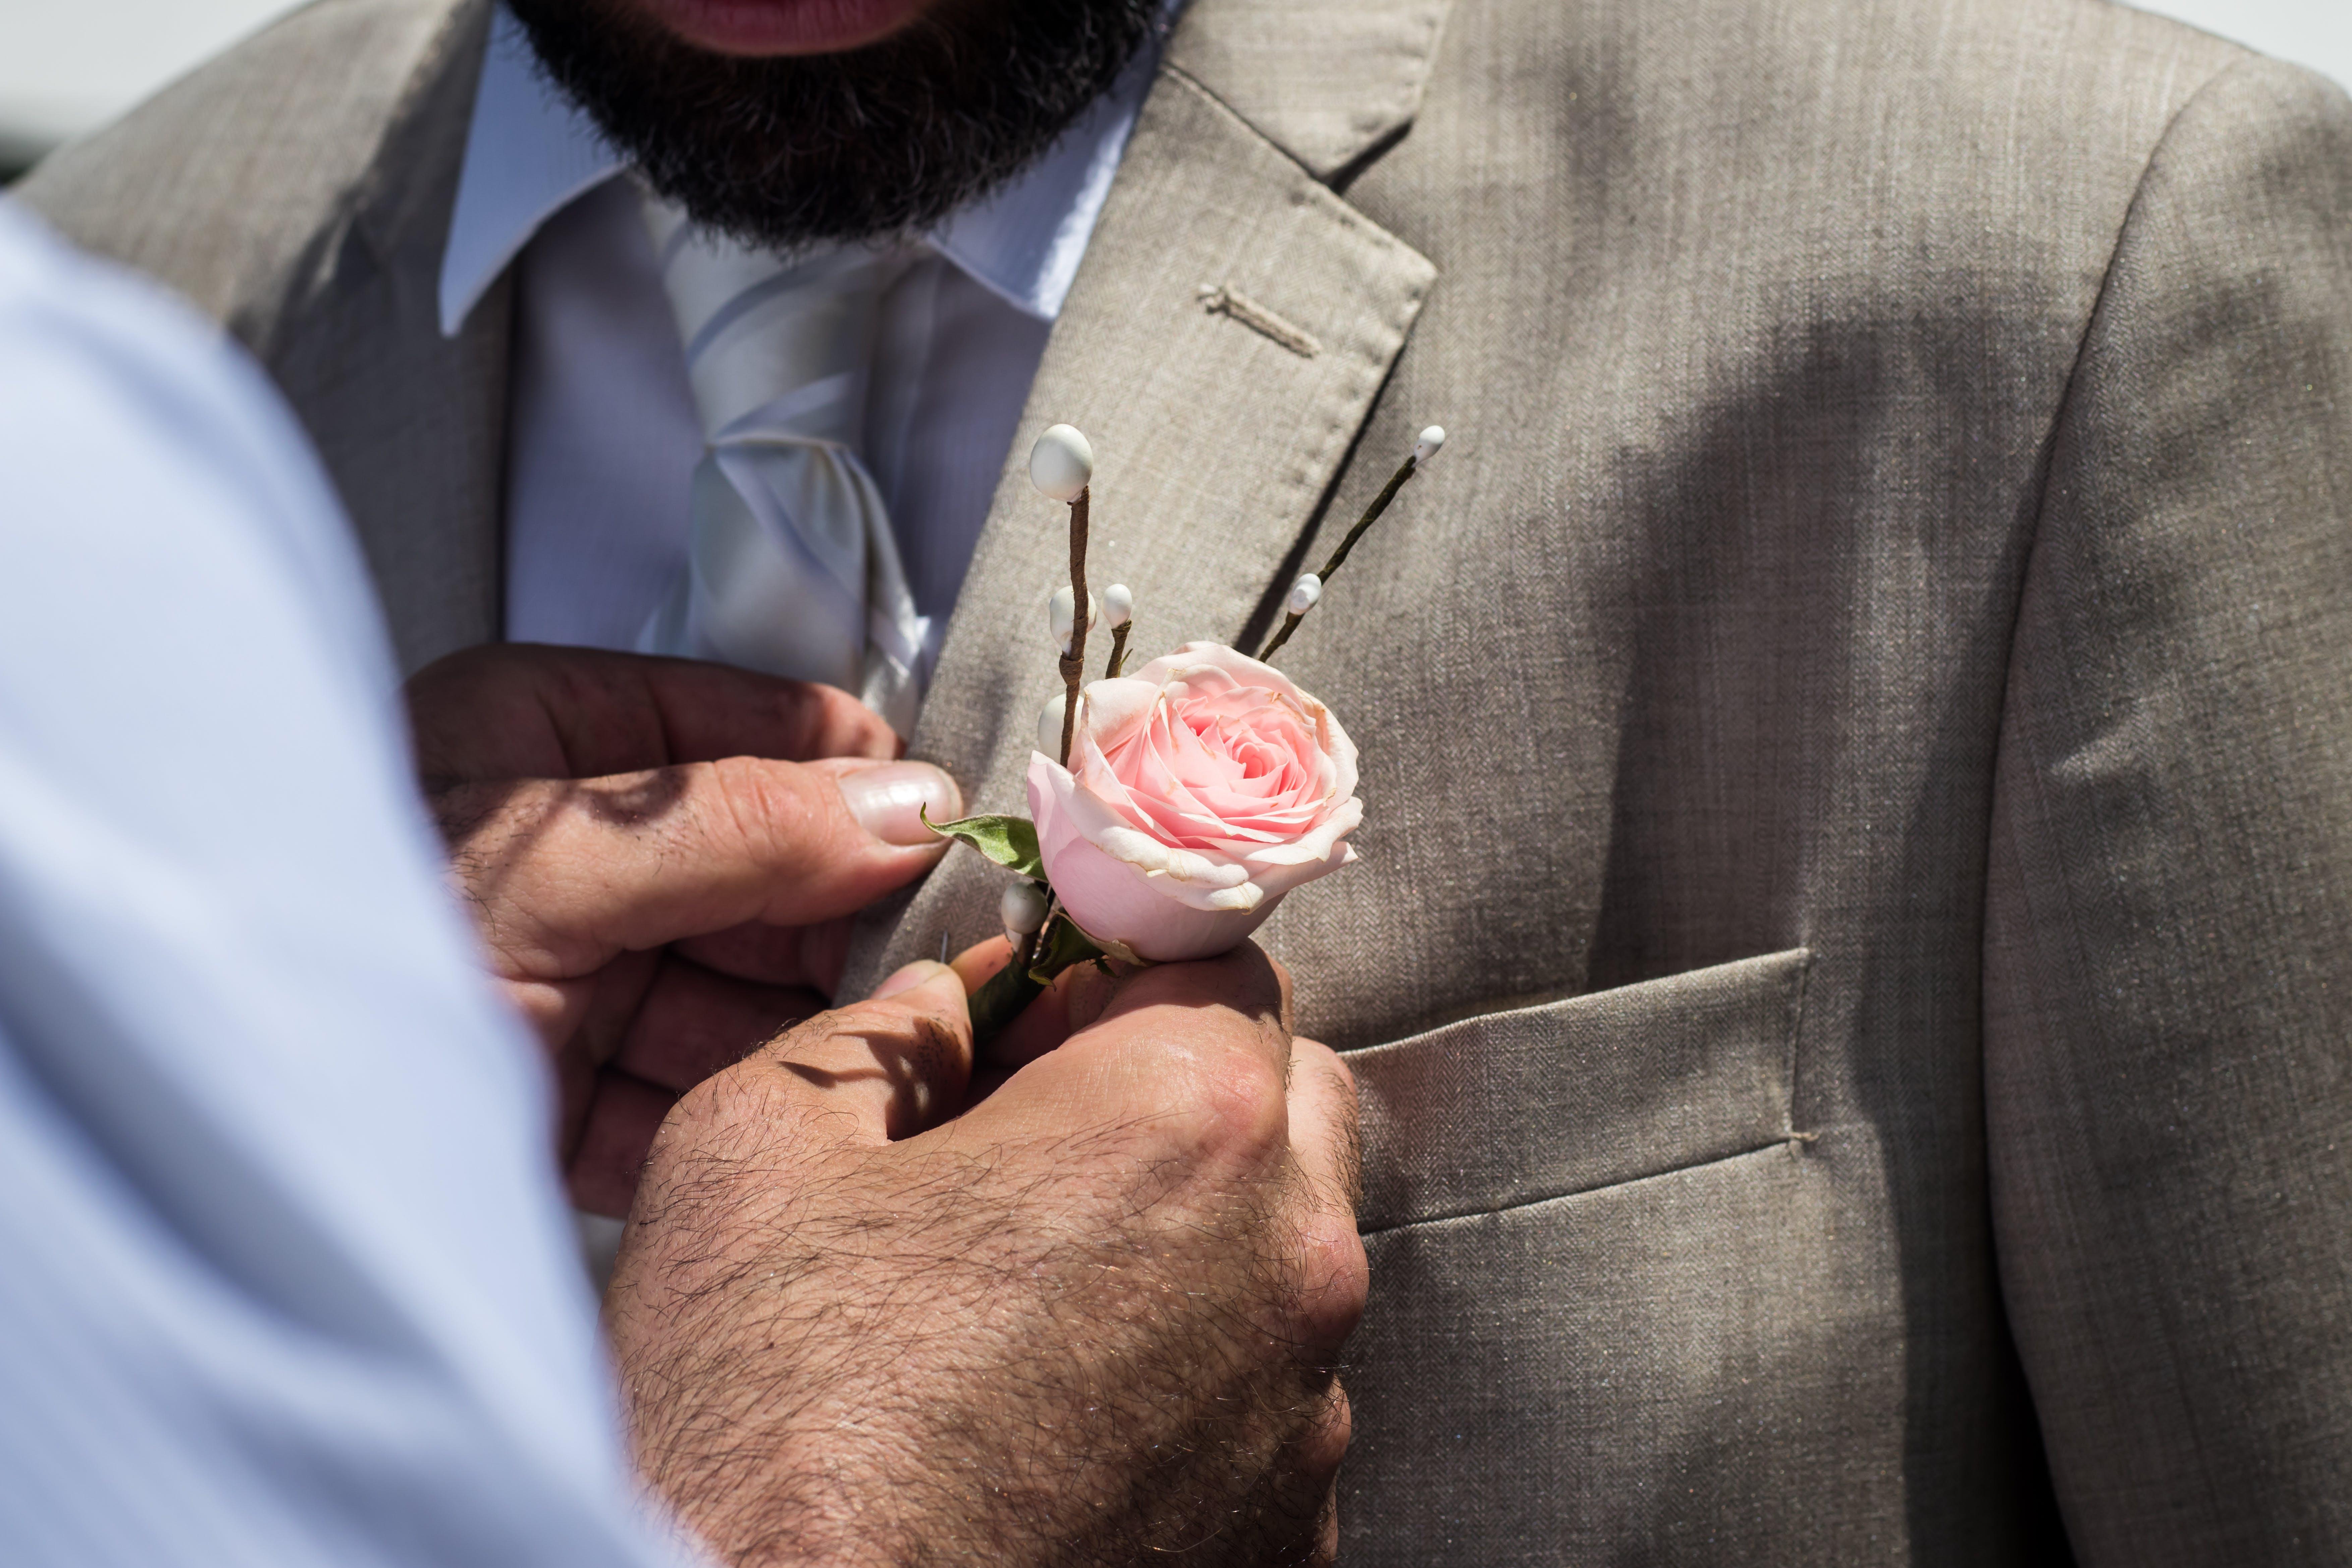 Man Pinning Pink Rose on Man's Collar